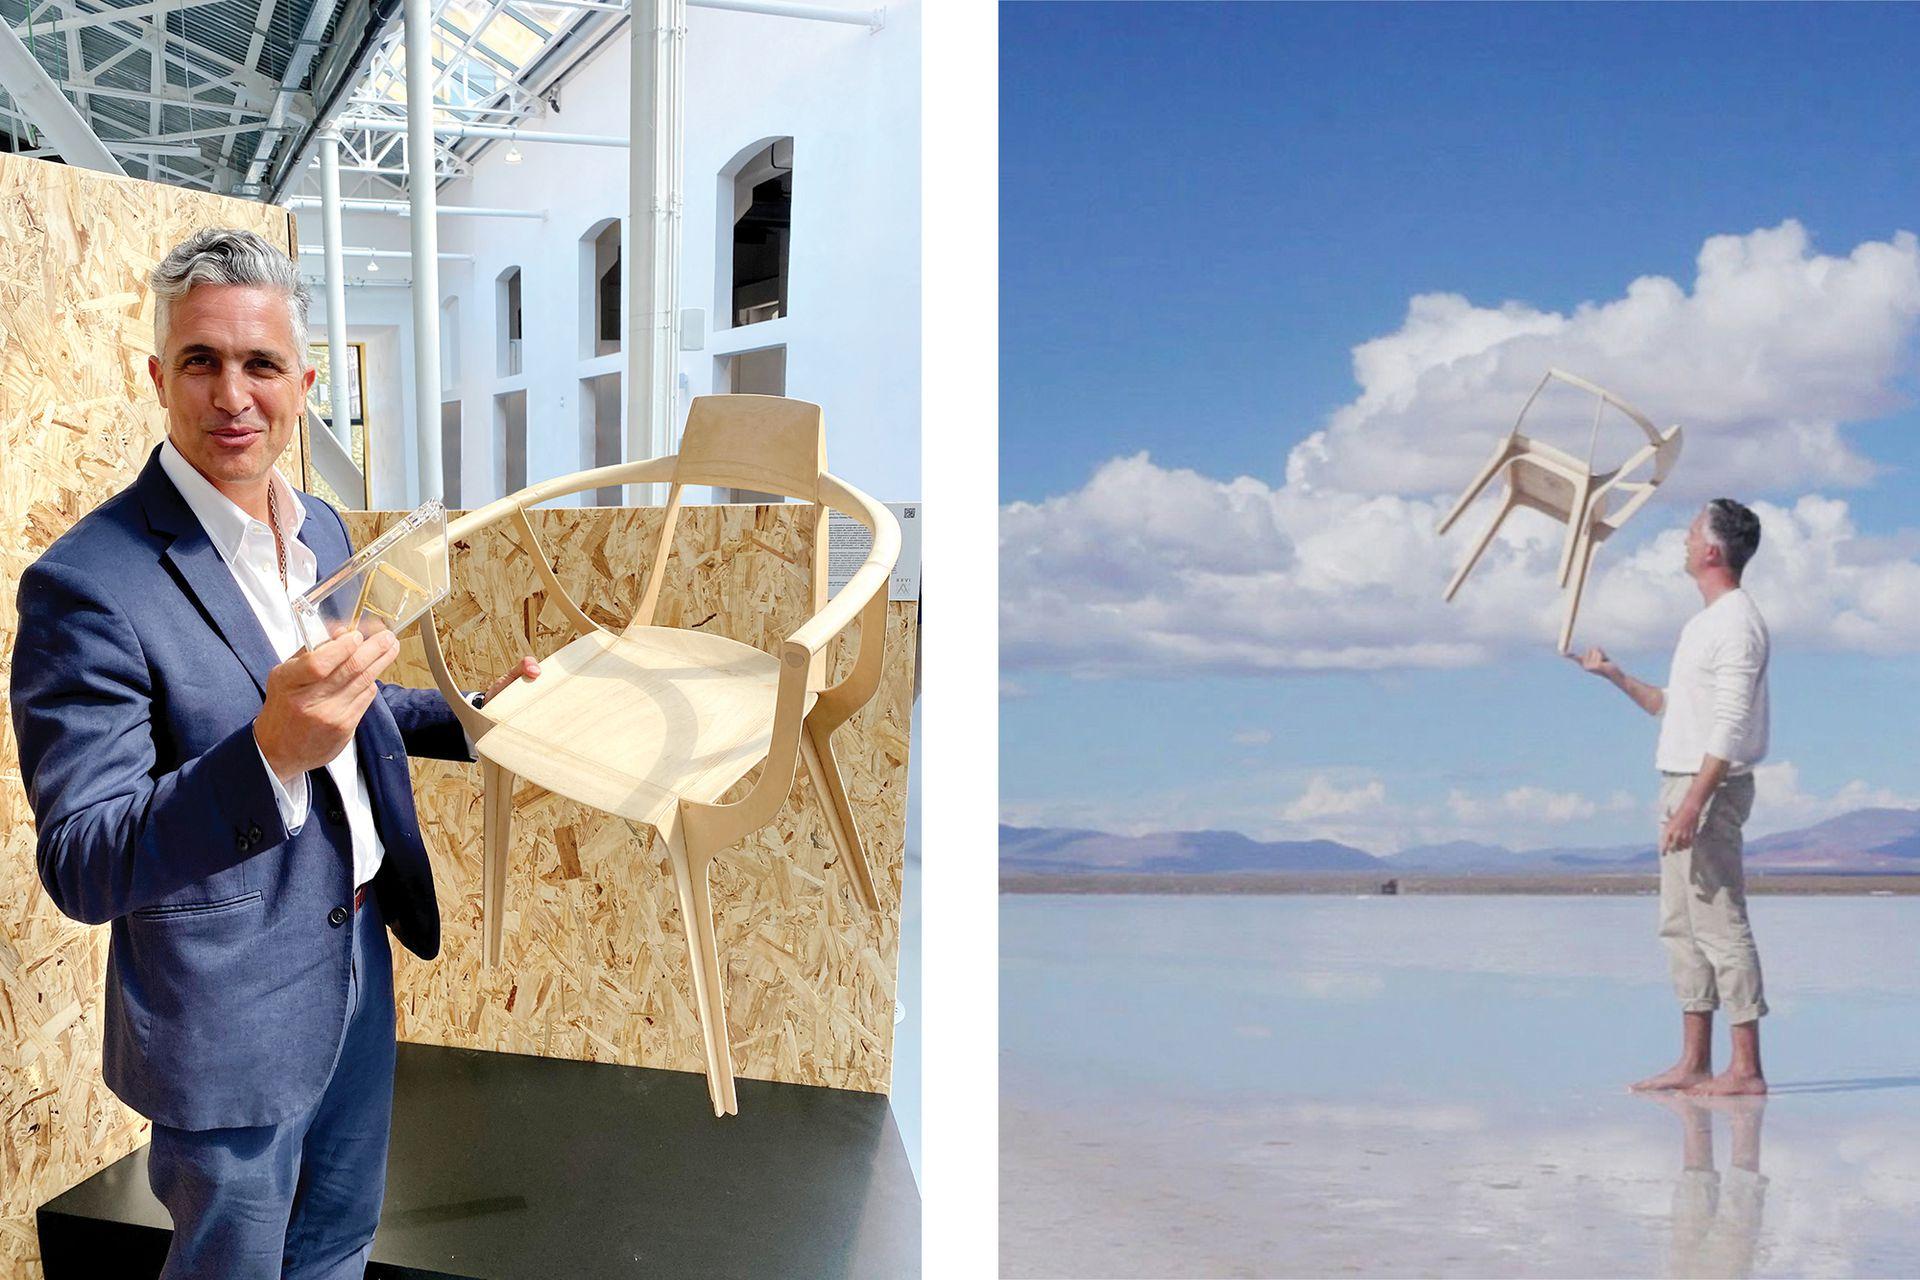 Desde que en 2011 ganó el Compasso d'Oro (el premio más codiciado del diseño industrial italiano) por la lámpara 'Hope', entró en un círculo de consagrados. En 2020 volvió a repetir el suceso con la silla 'Eutopia'.